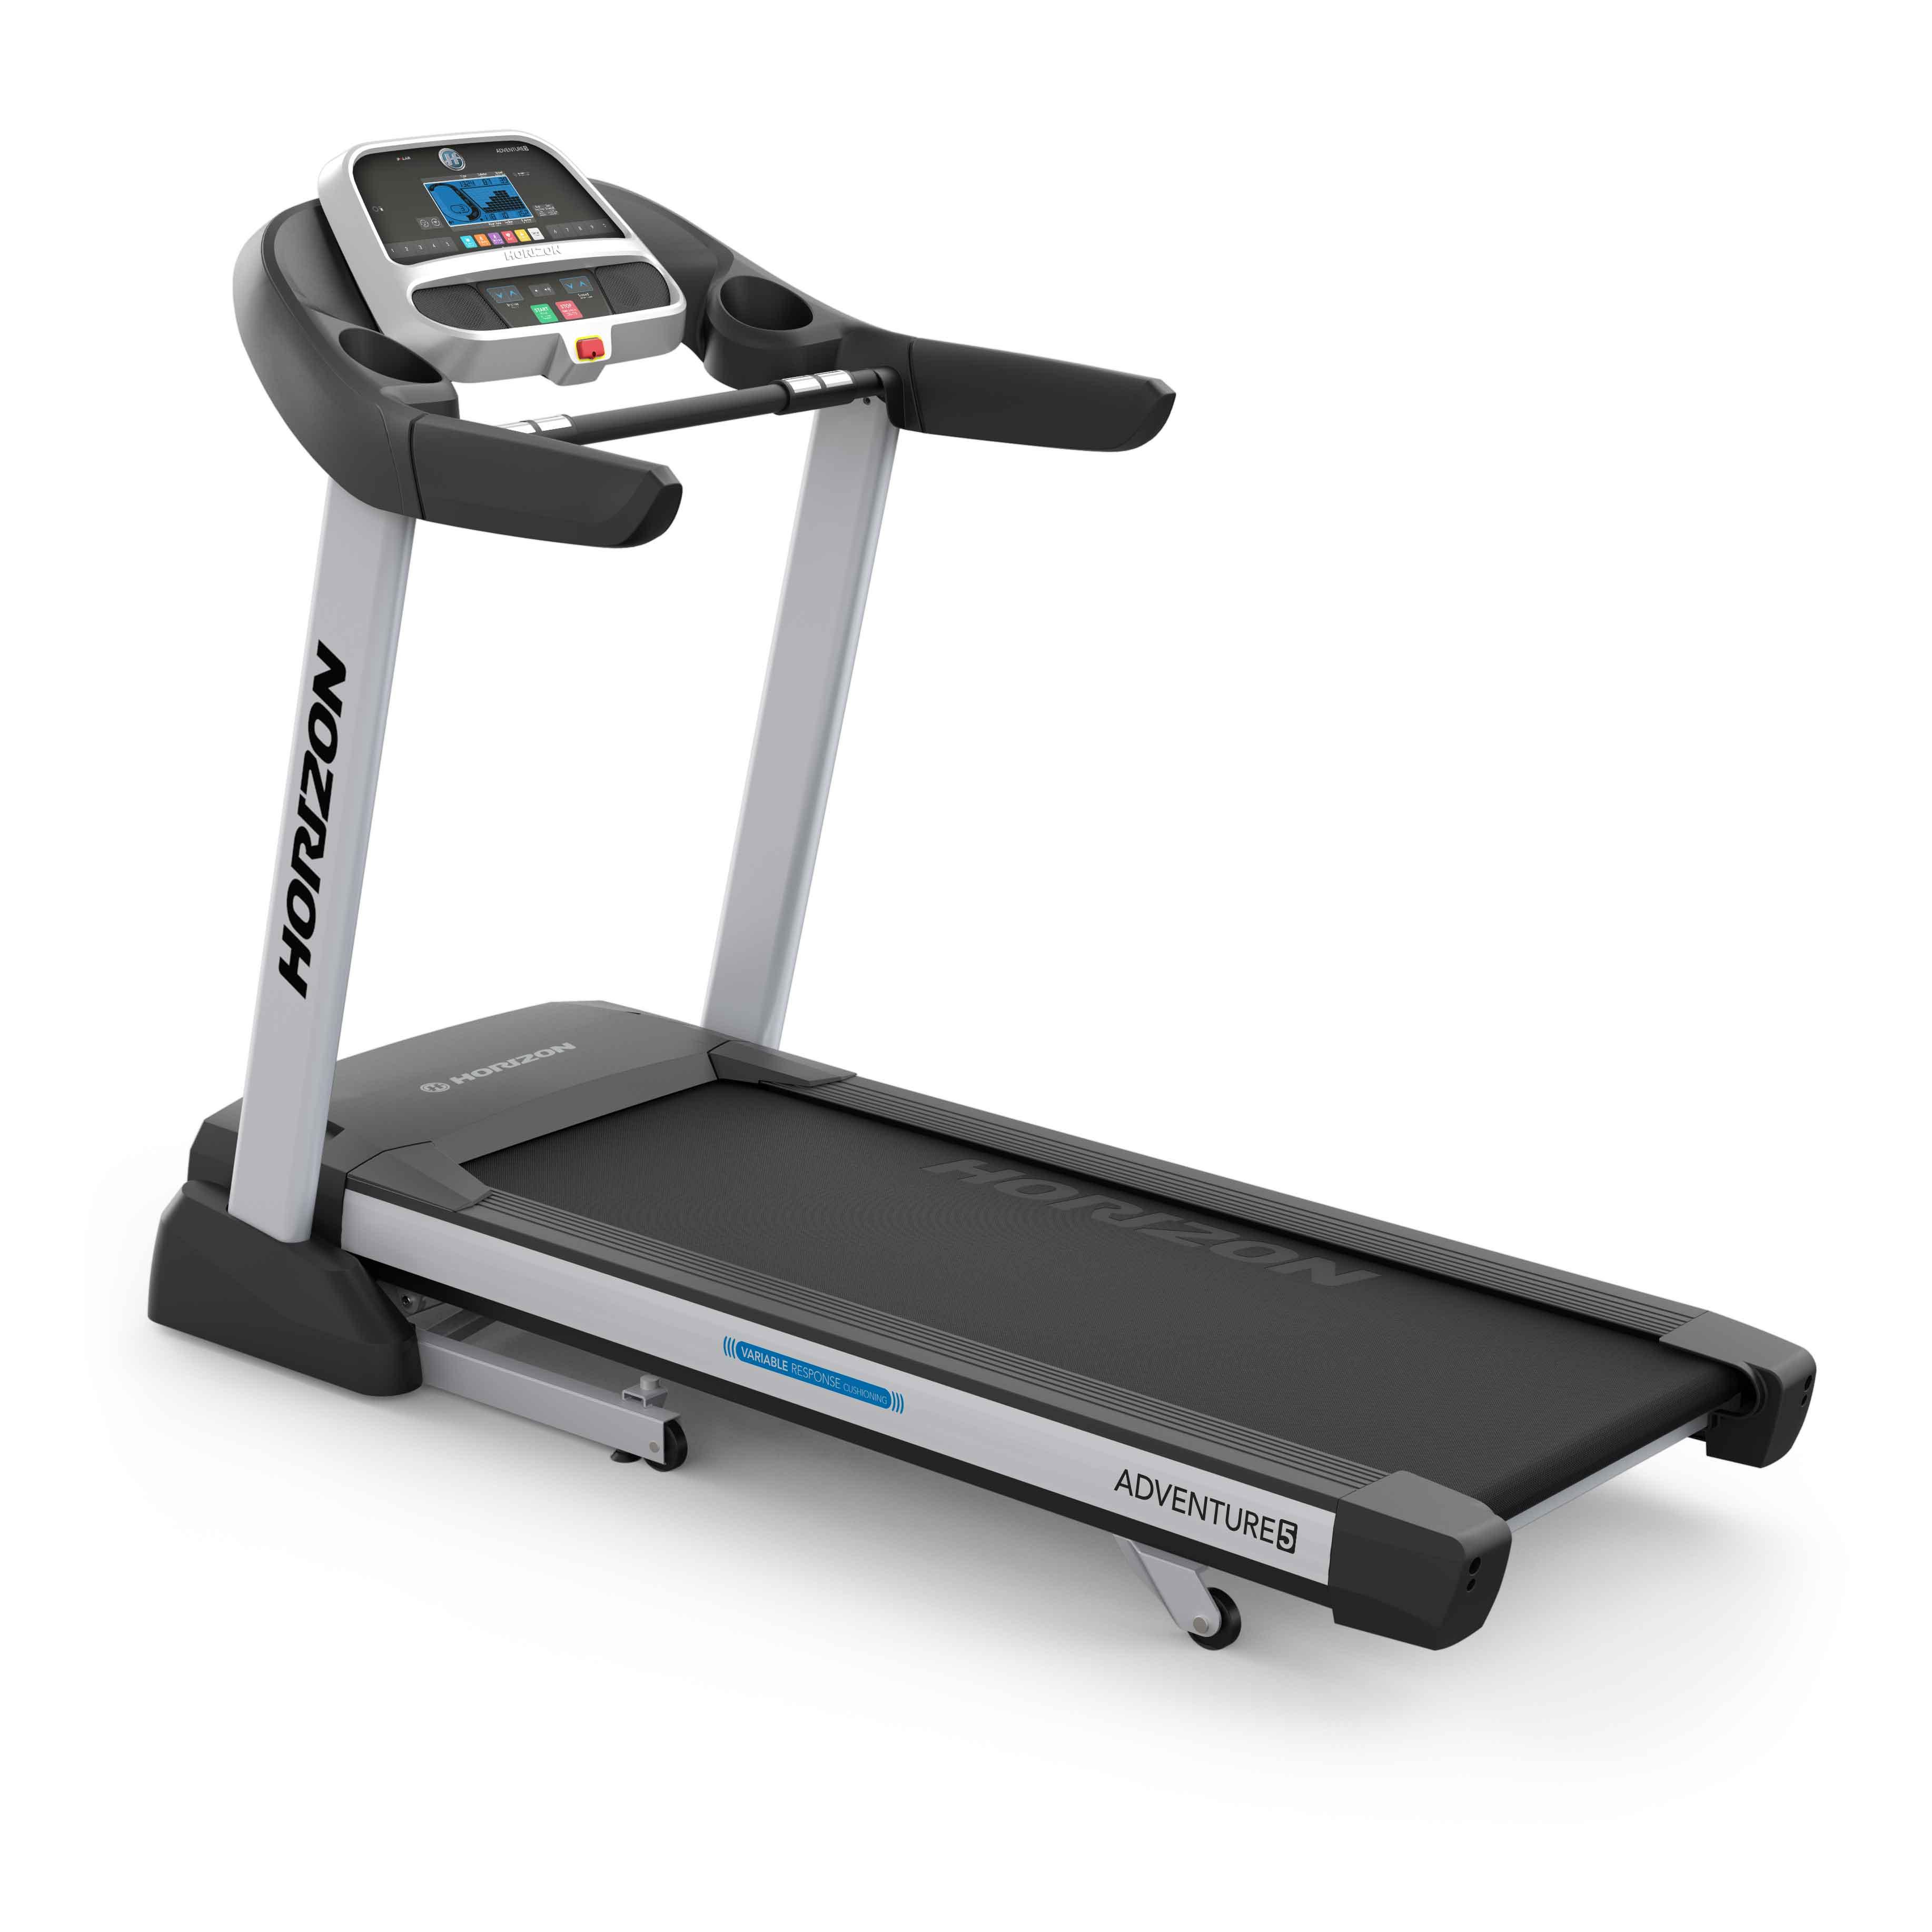 Johnson's Adventure 5 treadmill